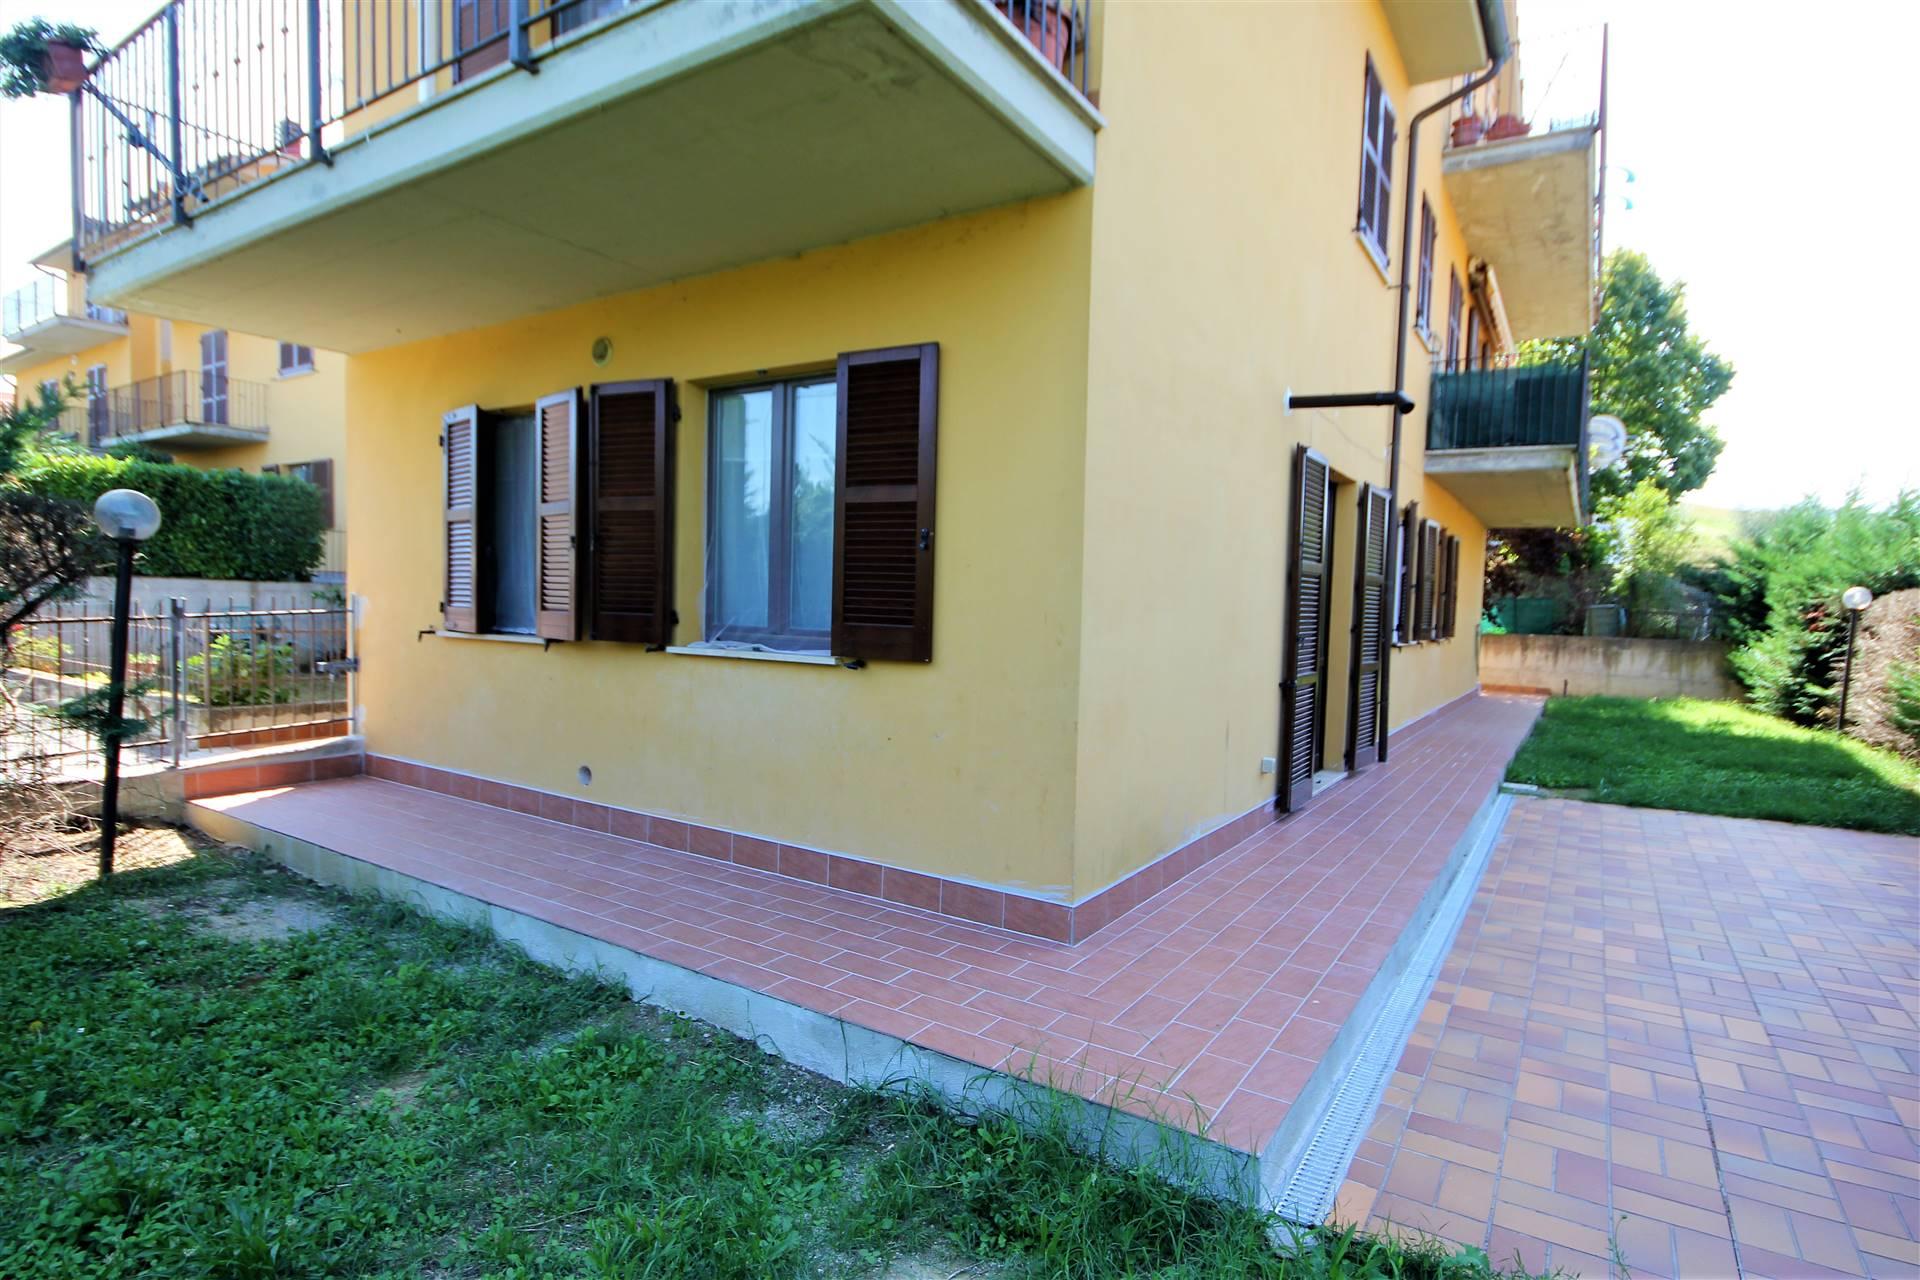 Appartamento in vendita a Fabro, 4 locali, zona Zona: Fabro Scalo, prezzo € 98.000   CambioCasa.it